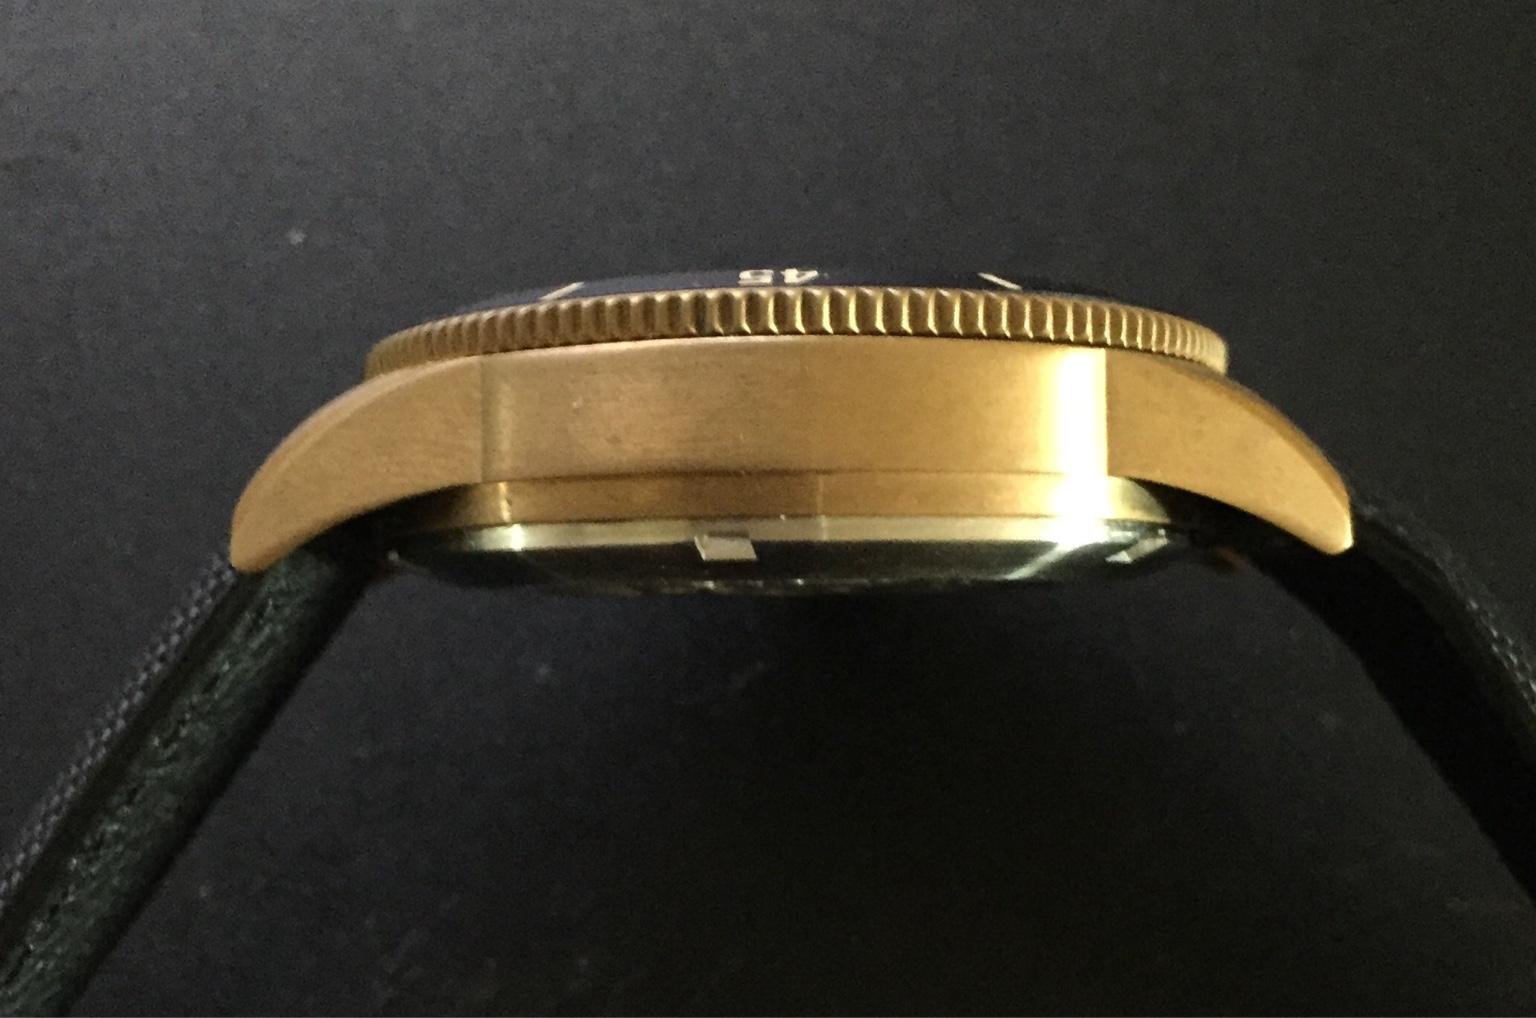 Ventus Mori Brass Diver 300  A8803c8be01b71cdb0c9ace704668b75